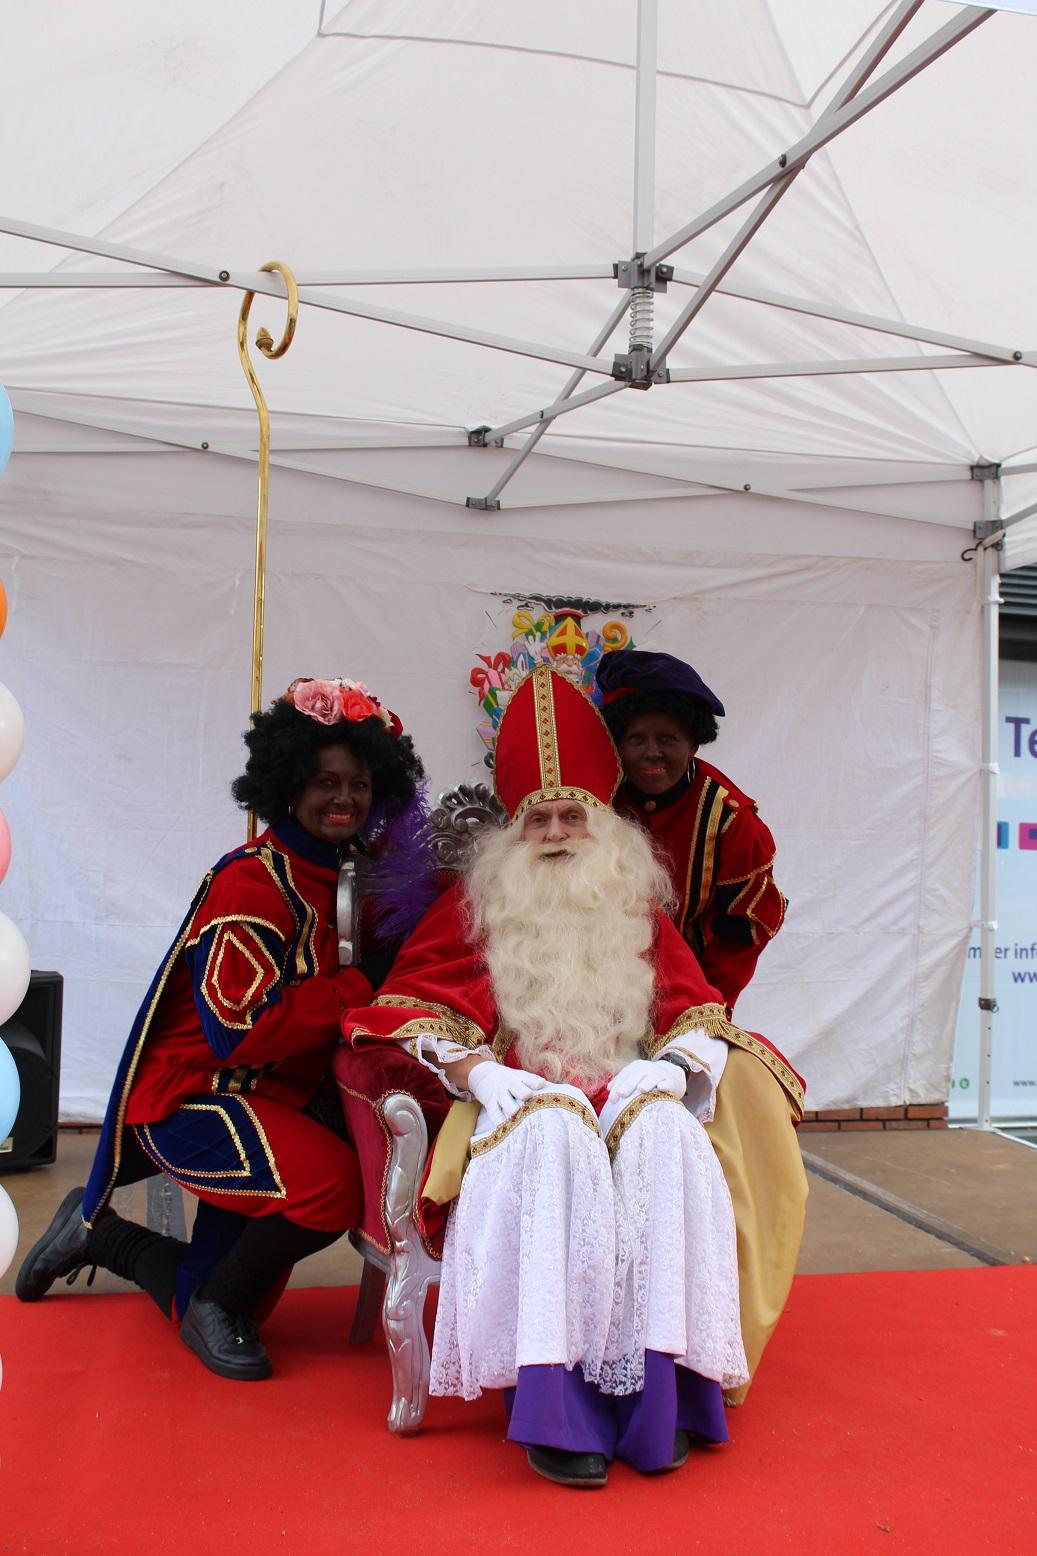 Elk kind een cadeautje van Sinterklaas, lever ze in voor de grote sinterklaasactie van Zwolle NIeuws